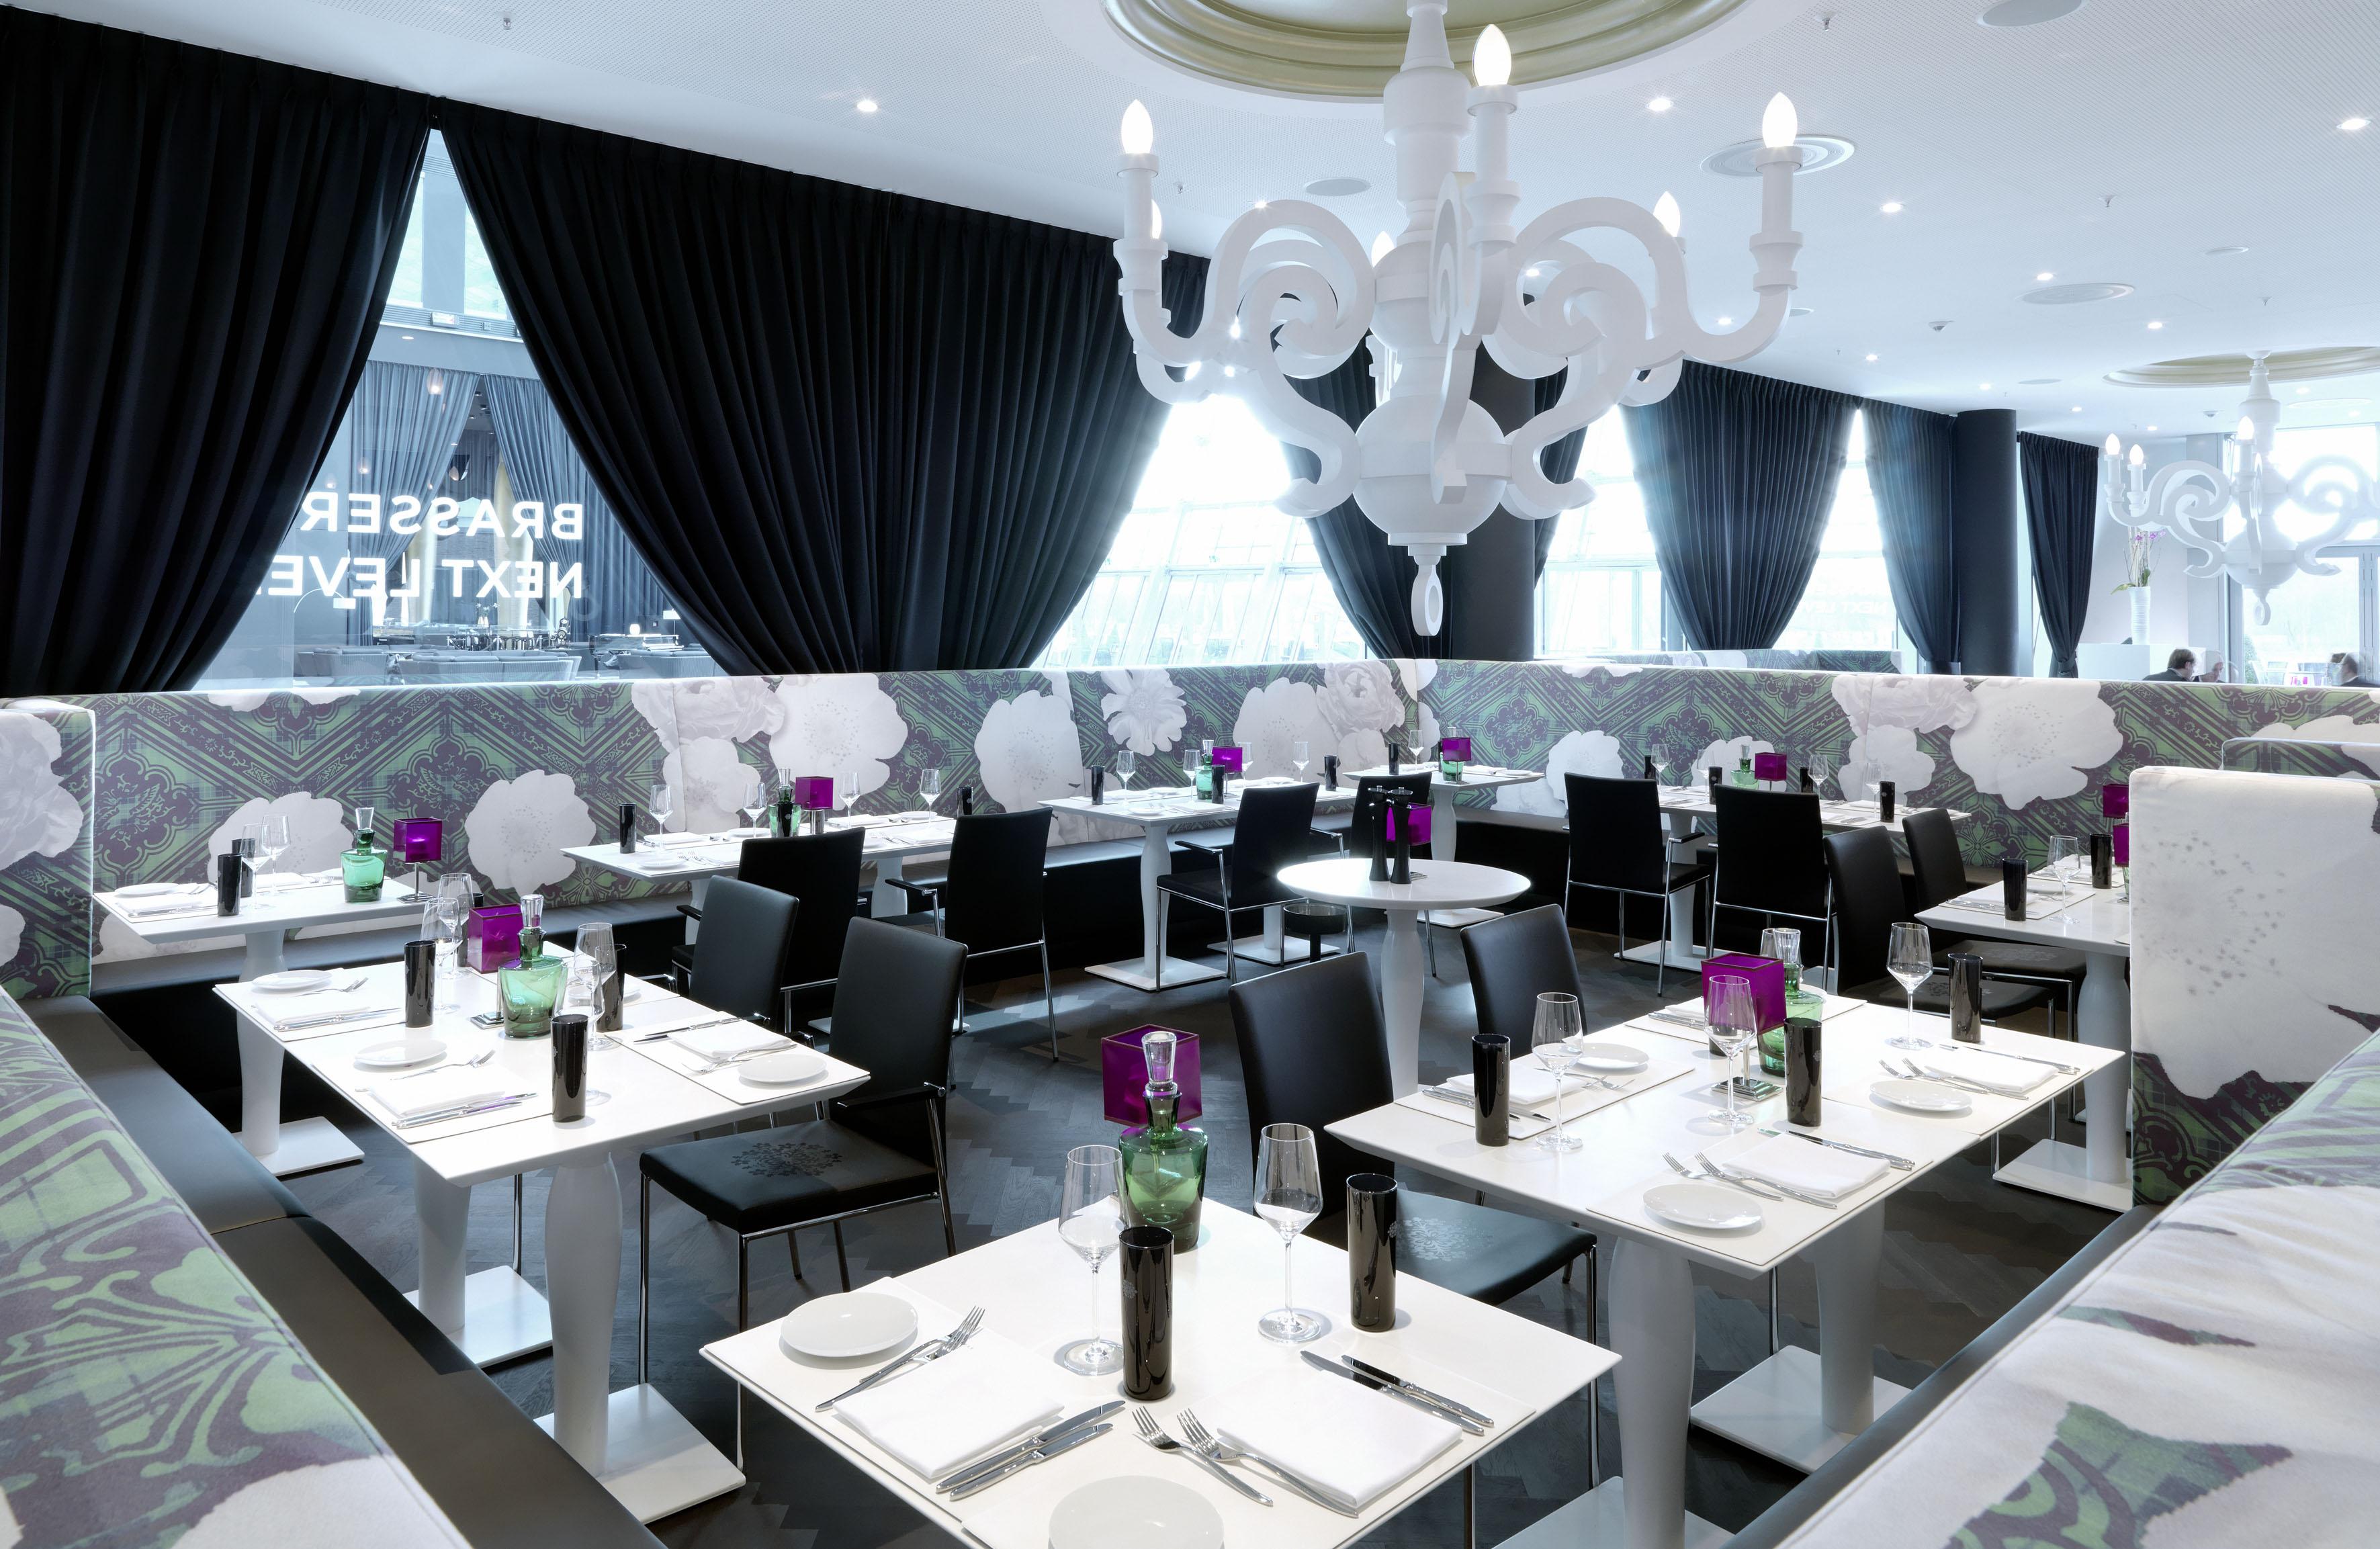 kameha grand bonn restaurant unterkunft reisetipps hotelreservierung und sehensw rdigkeiten. Black Bedroom Furniture Sets. Home Design Ideas